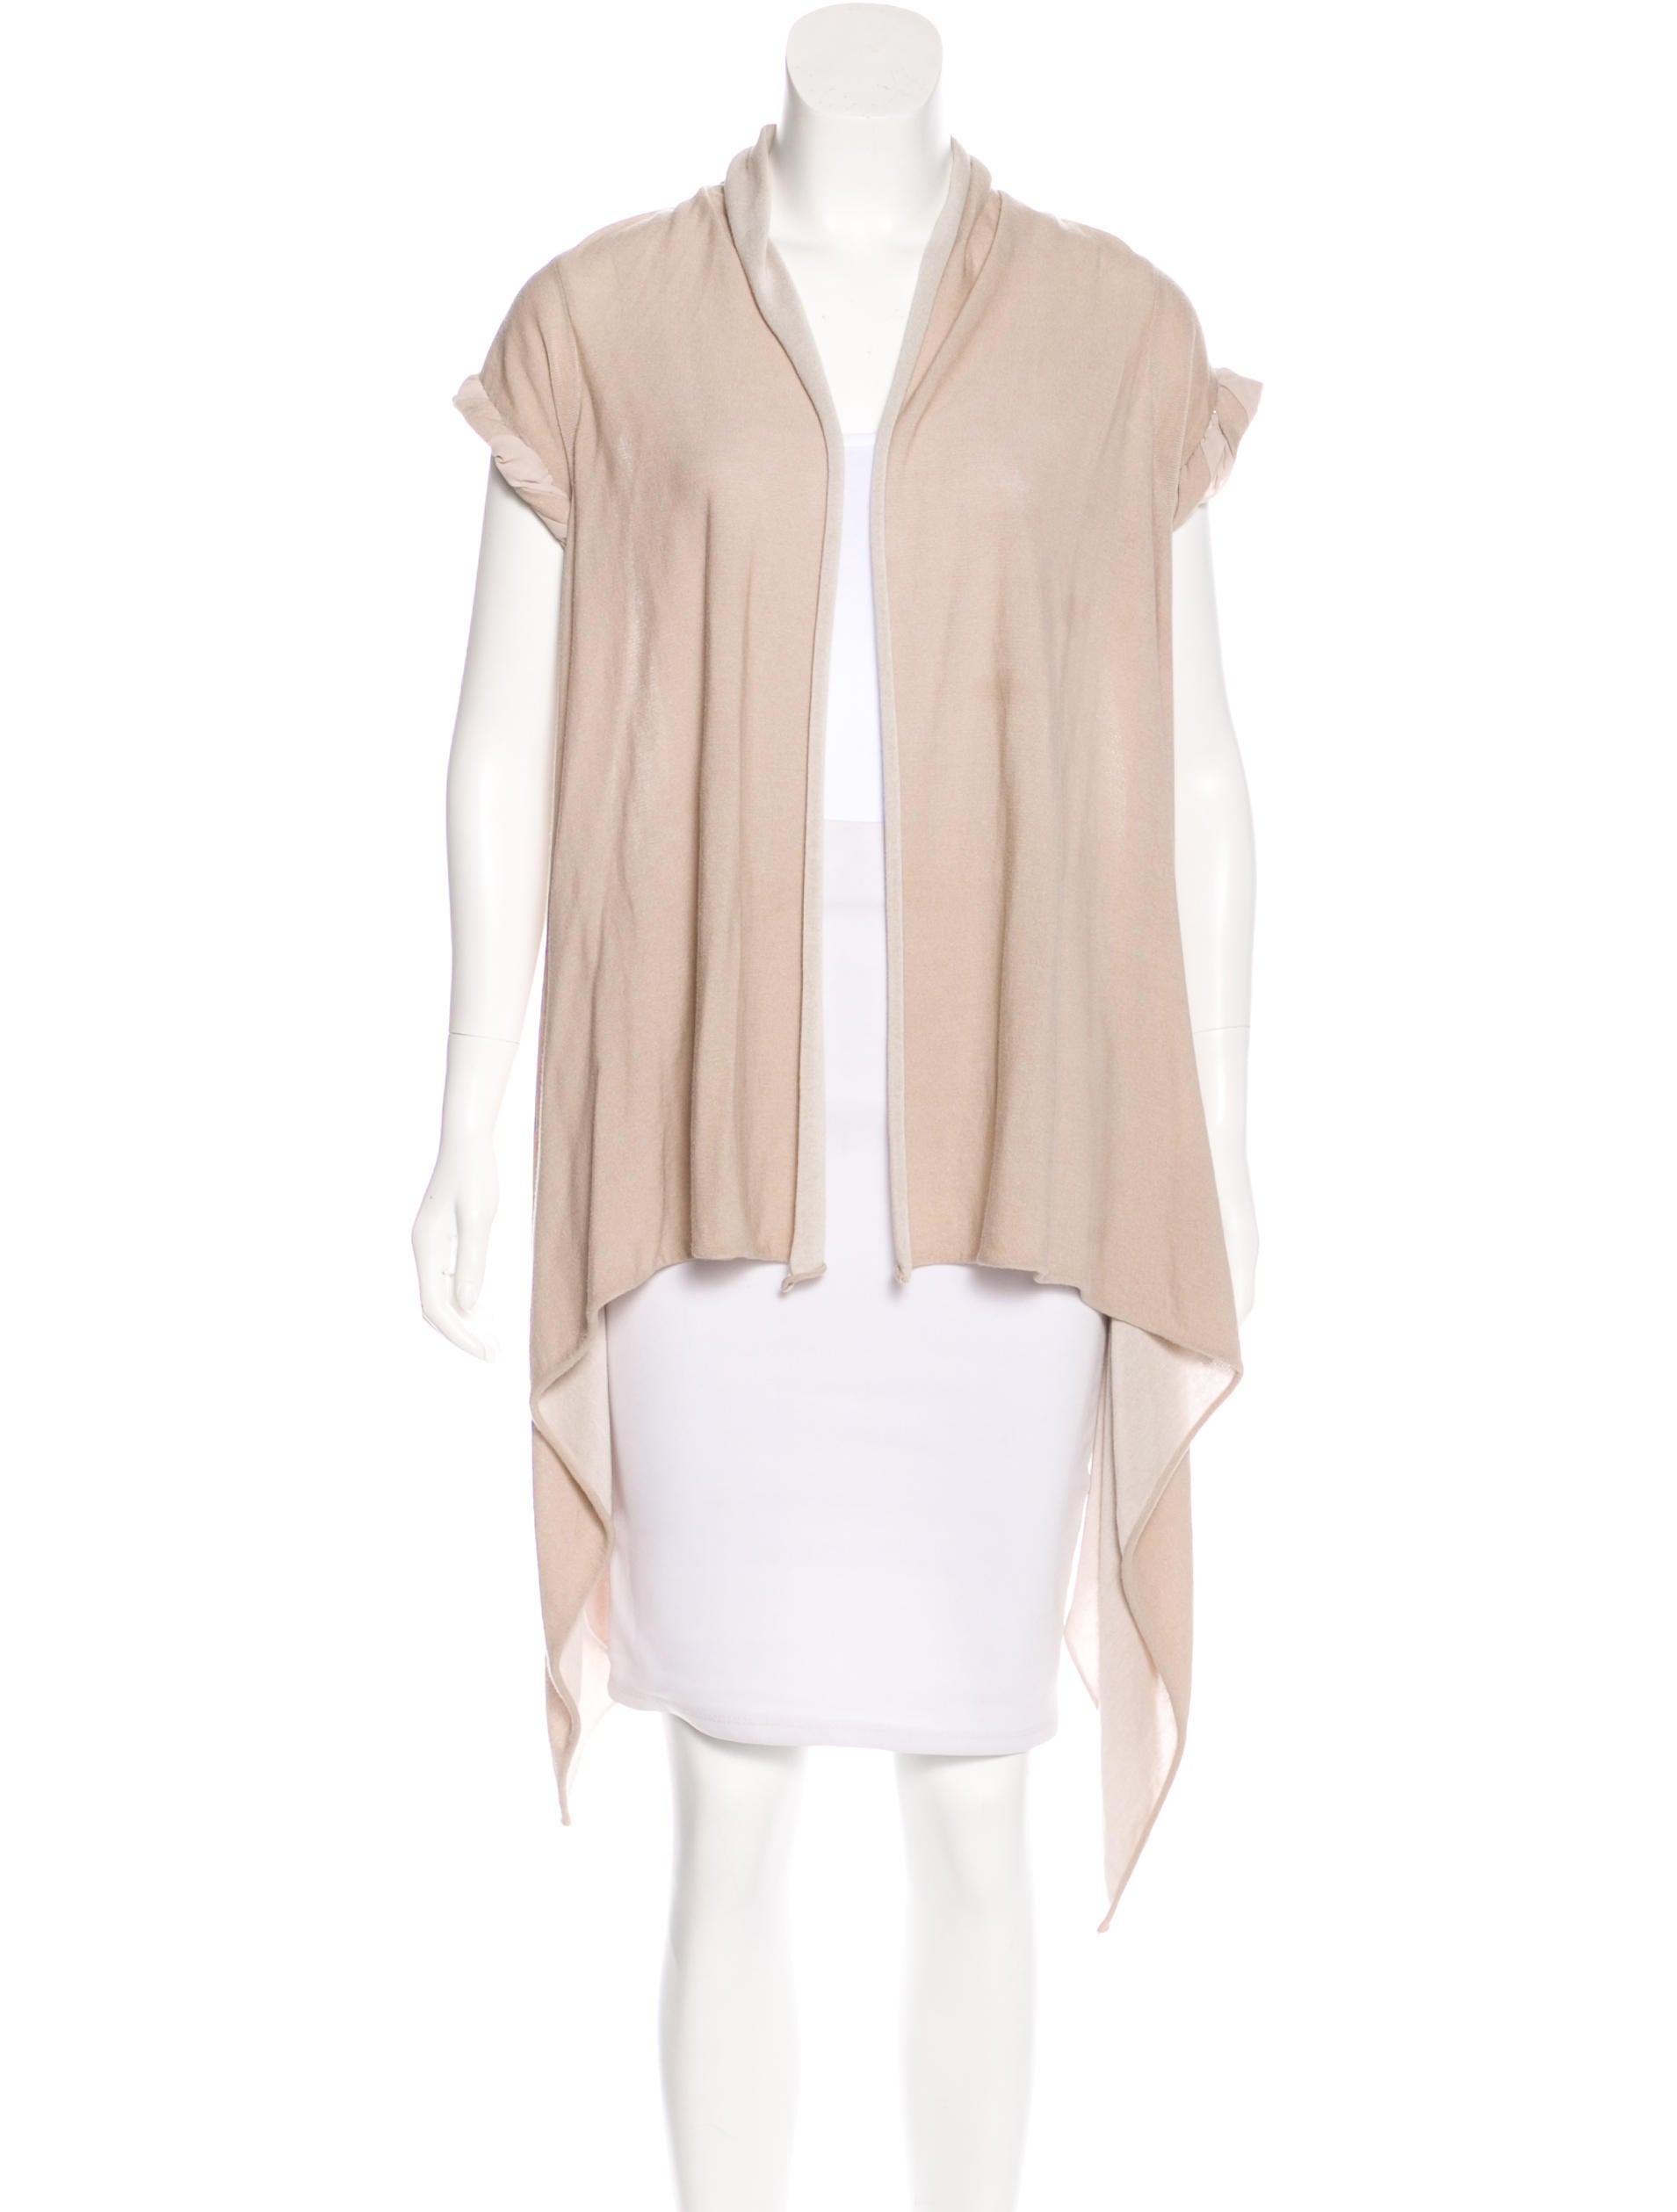 Alice   Olivia Short Sleeve Open Front Cardigan - Clothing ...